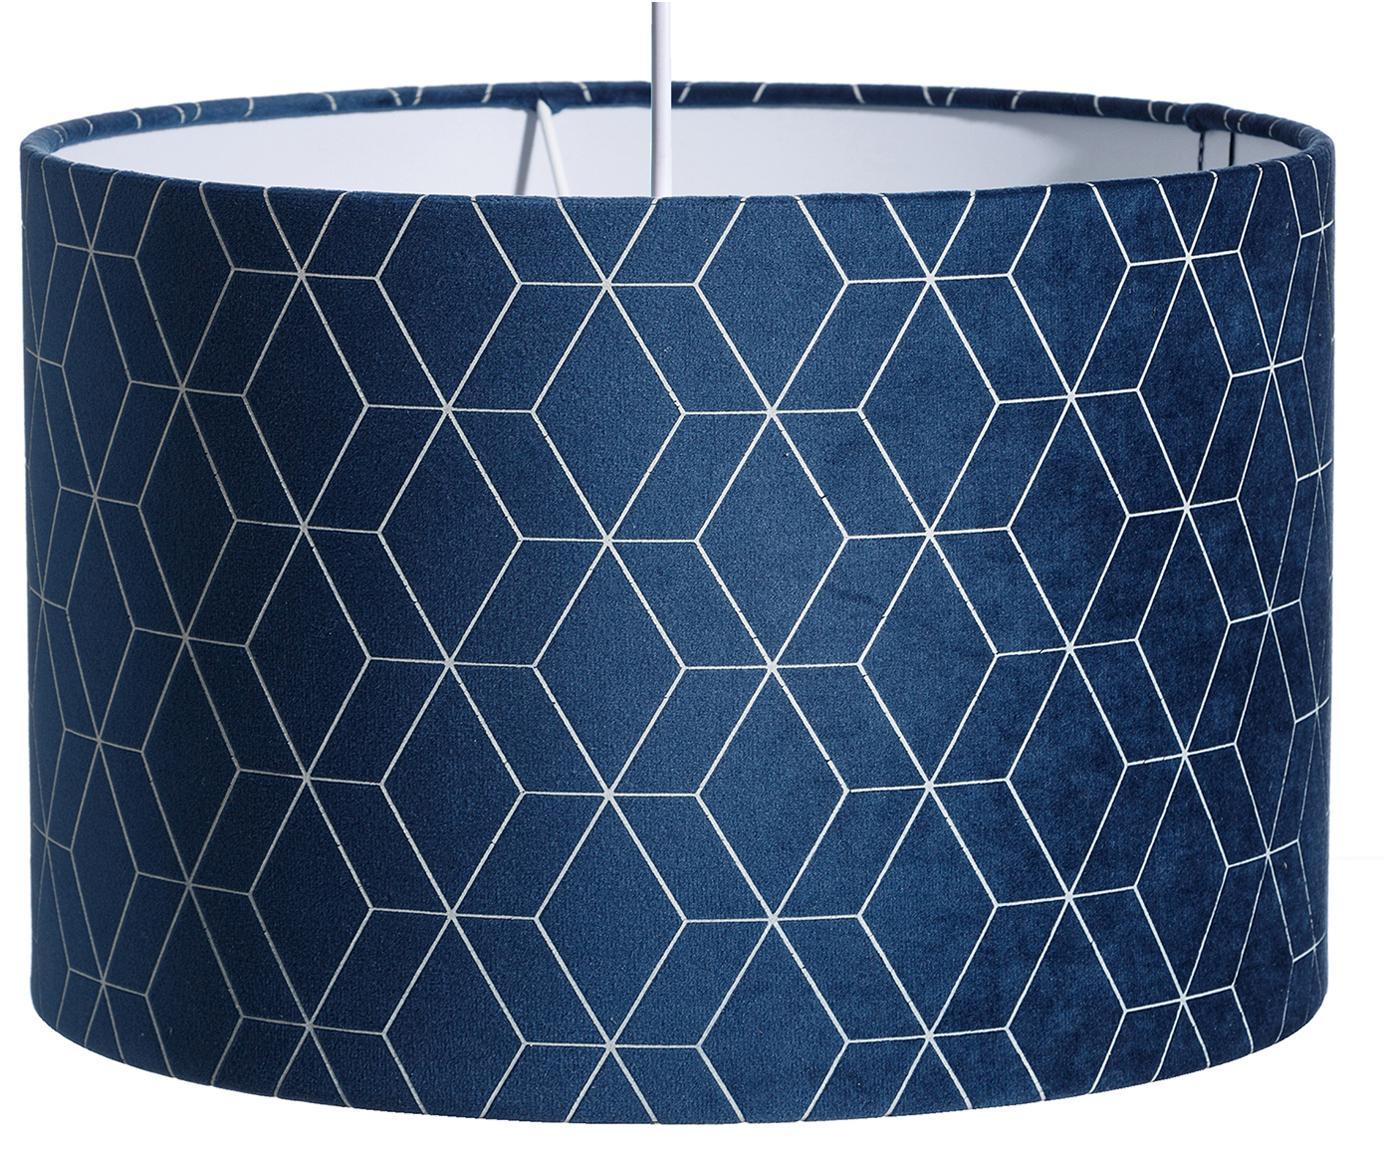 Lampa wisząca Geometric, Tkanina, Niebieski, odcienie srebrnego, Ø 30 x G 30 cm